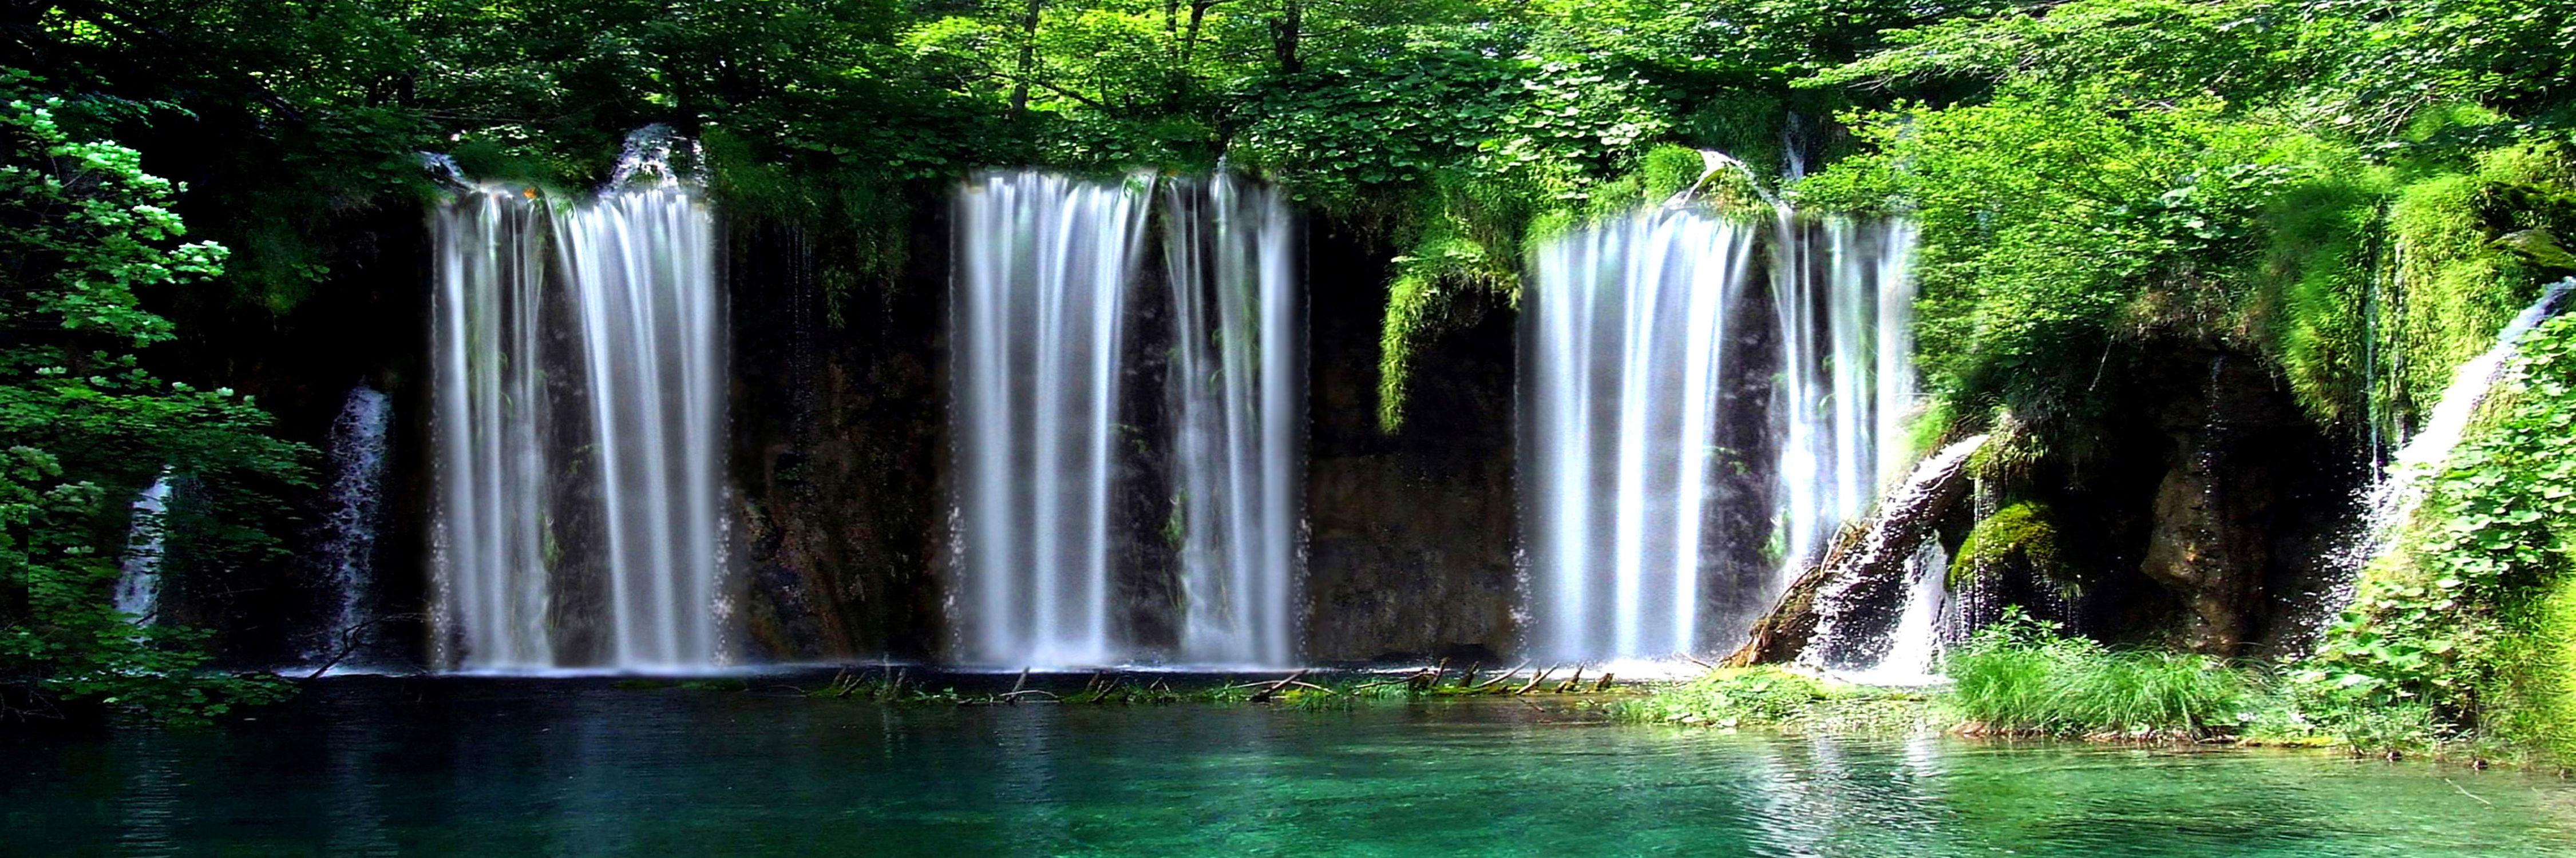 Bild mit Natur, Landschaften, Bäume, Gewässer, Wälder, Seen, Flüsse, Wasserfälle, Wald, Baum, Landschaft, See, Wasserfall, Fluss